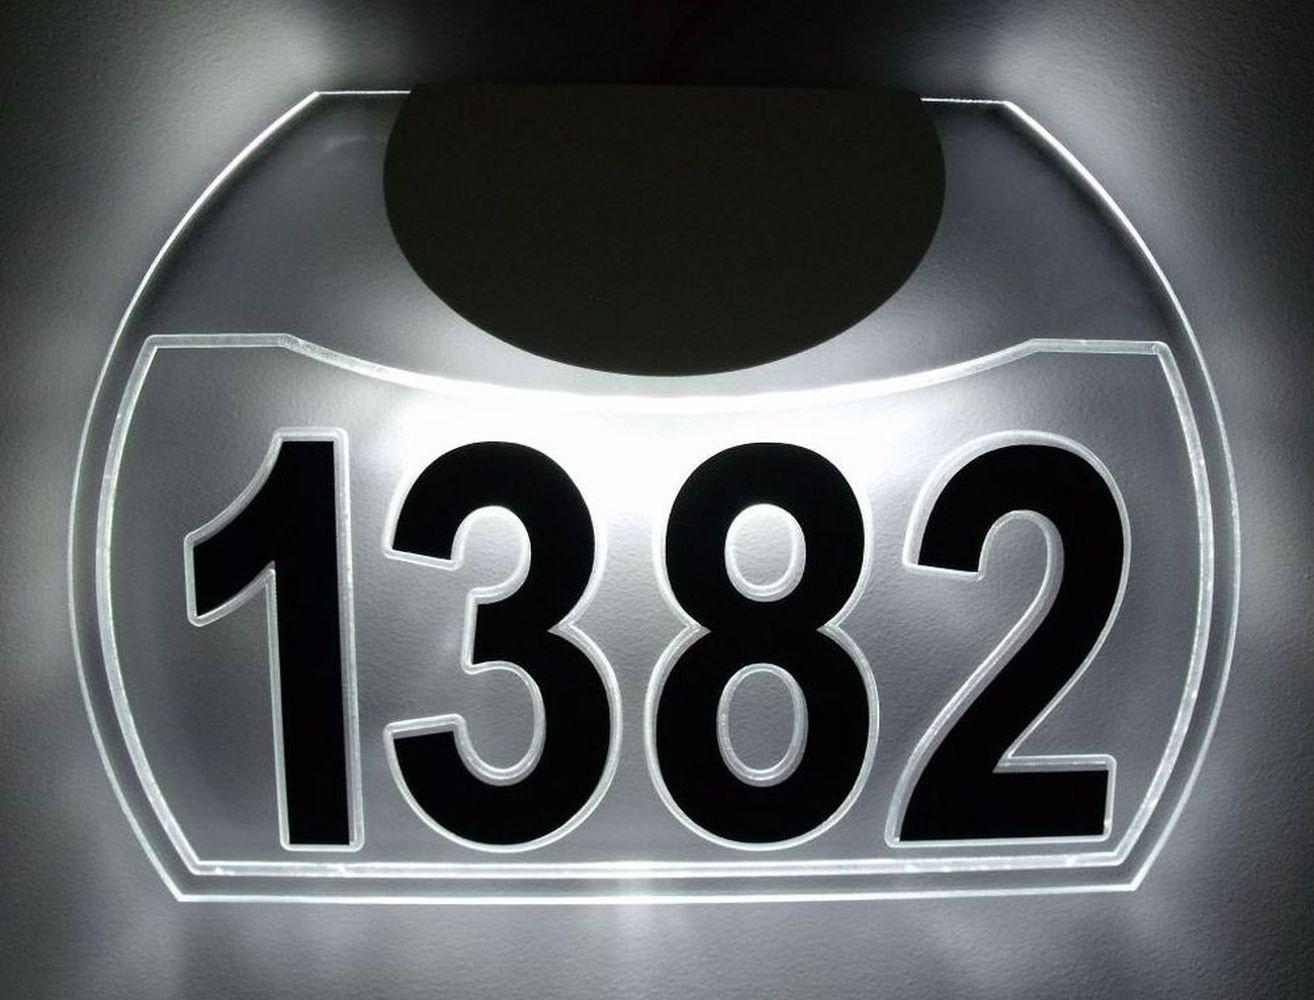 CUSTOM EDGE-LIT LED LIGHTED ACRYLIC ADDRESS SIGN ILLUMINATED HOUSE NUMBER LED LIGHTED ADDRESS PLAQUE